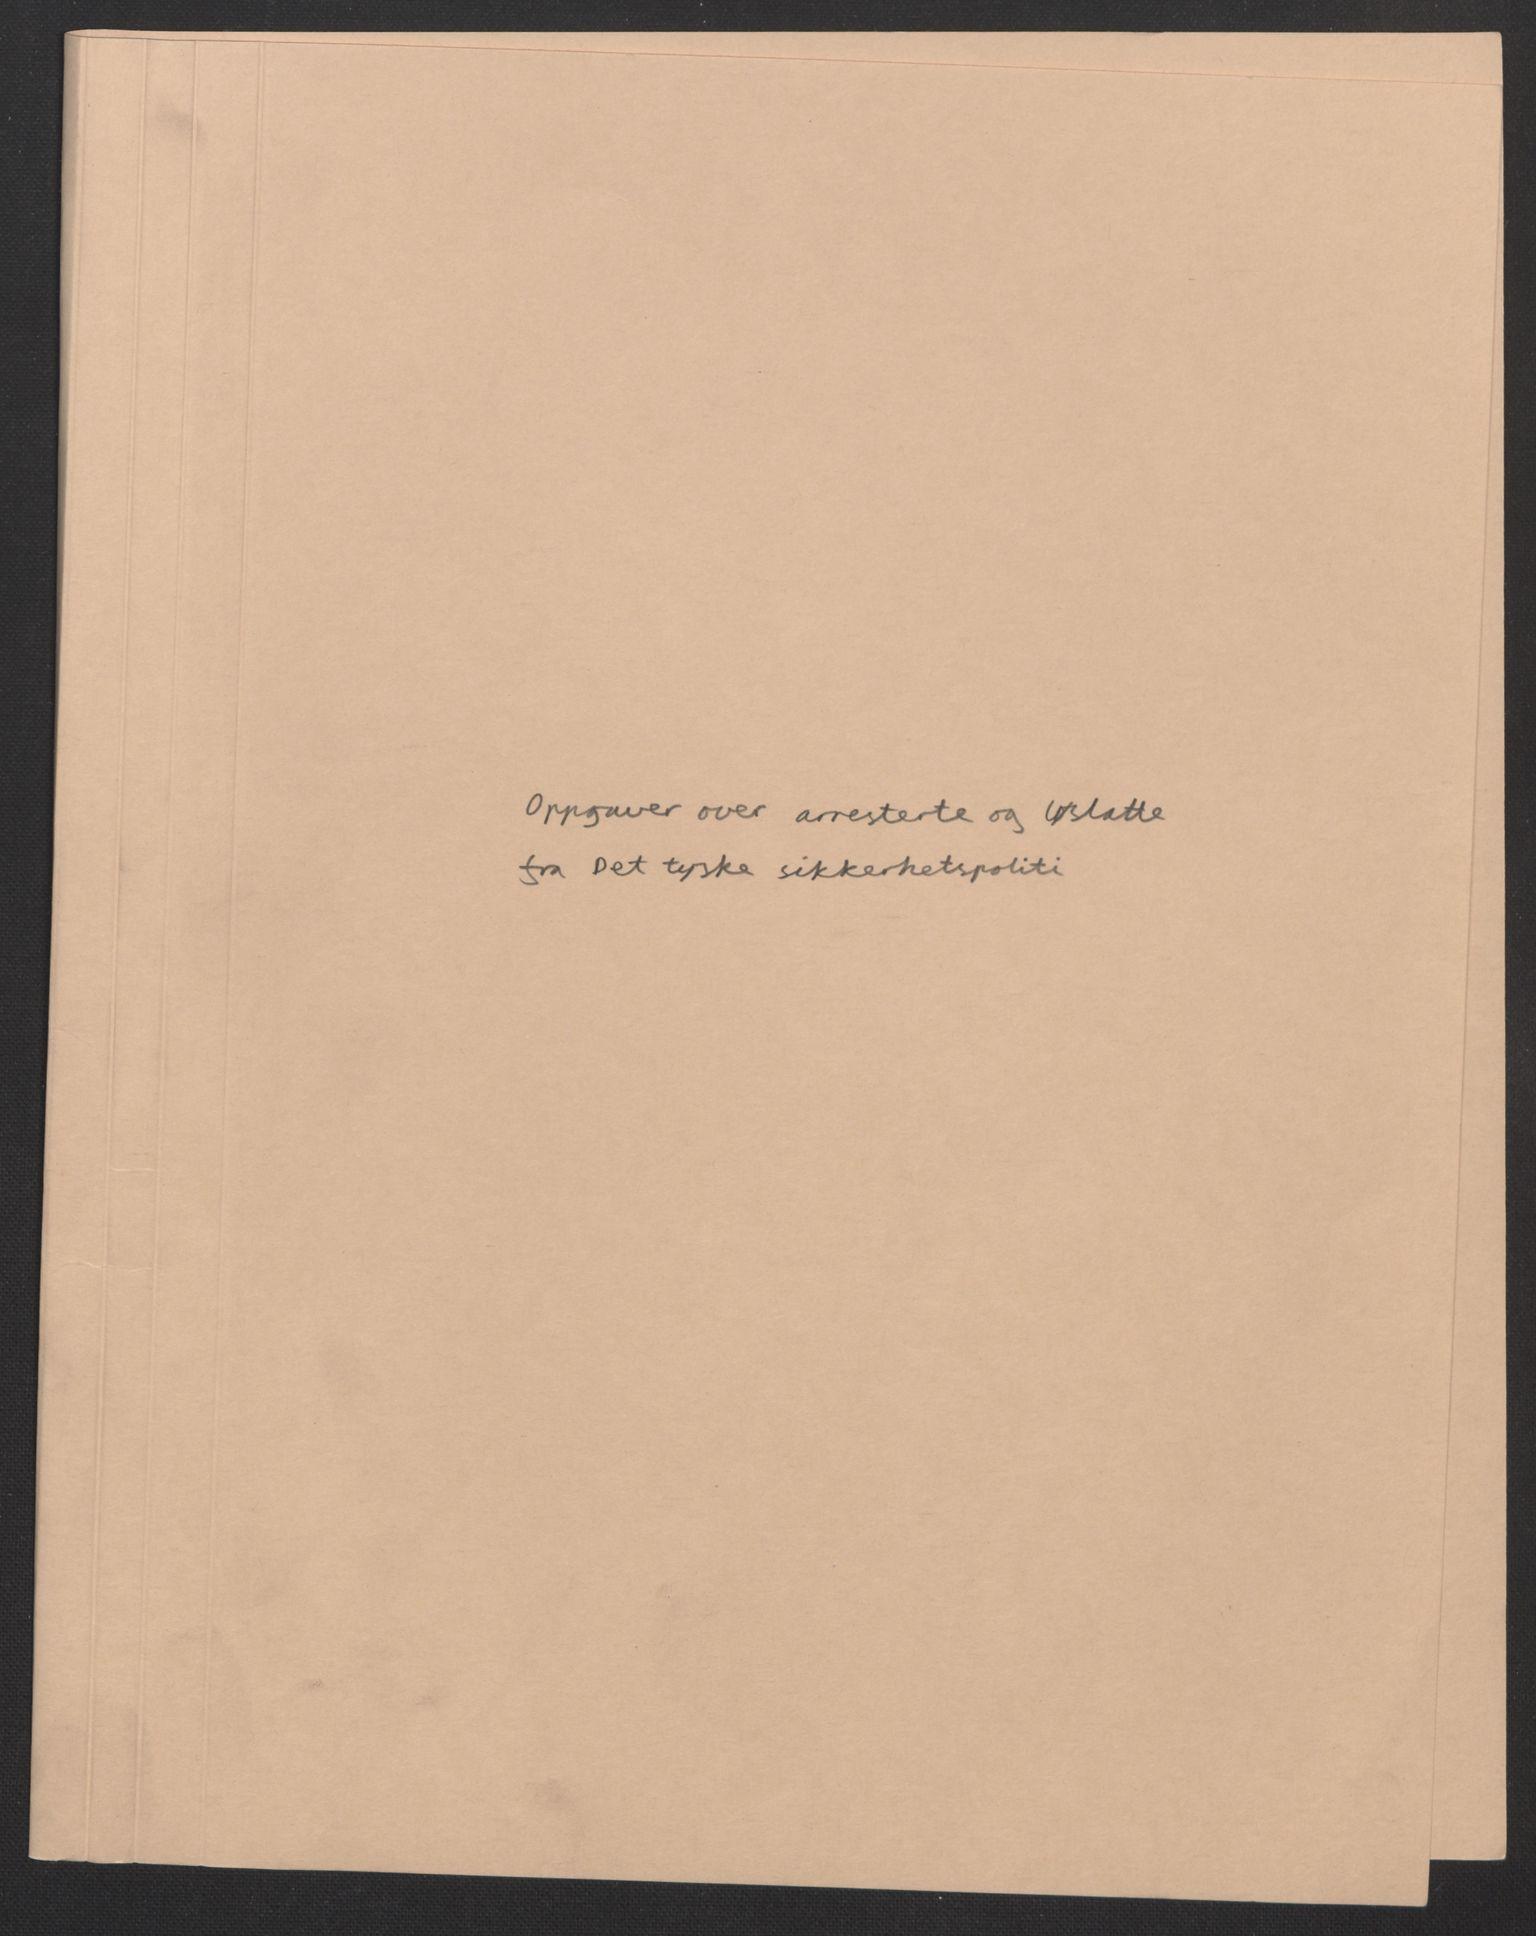 RA, Statspolitiet - Hovedkontoret / Osloavdelingen, F/L0072: --, 1942-1943